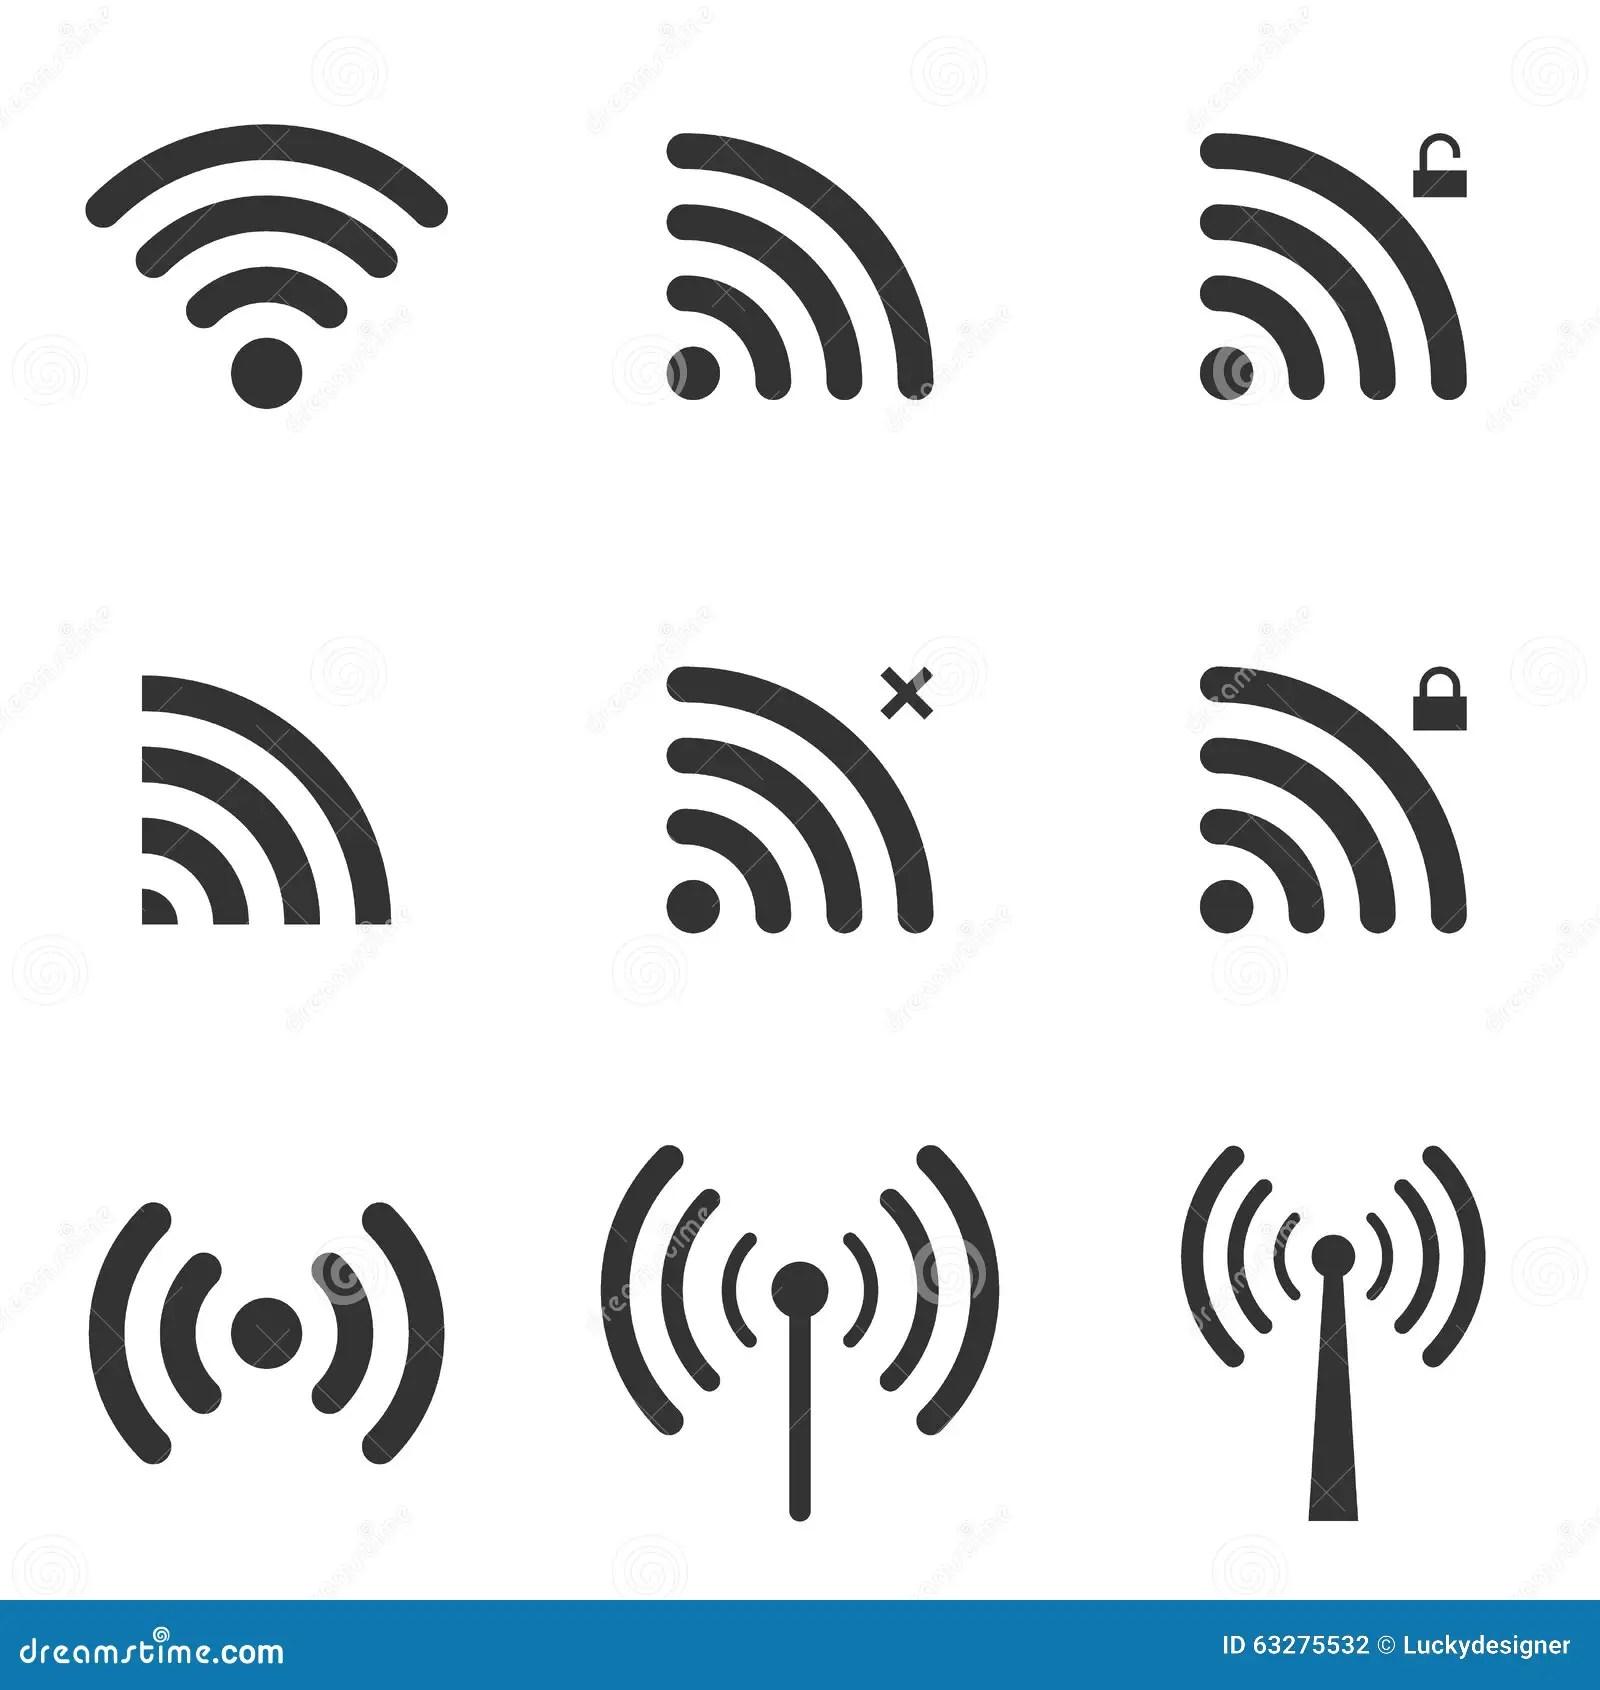 Modem Symbols